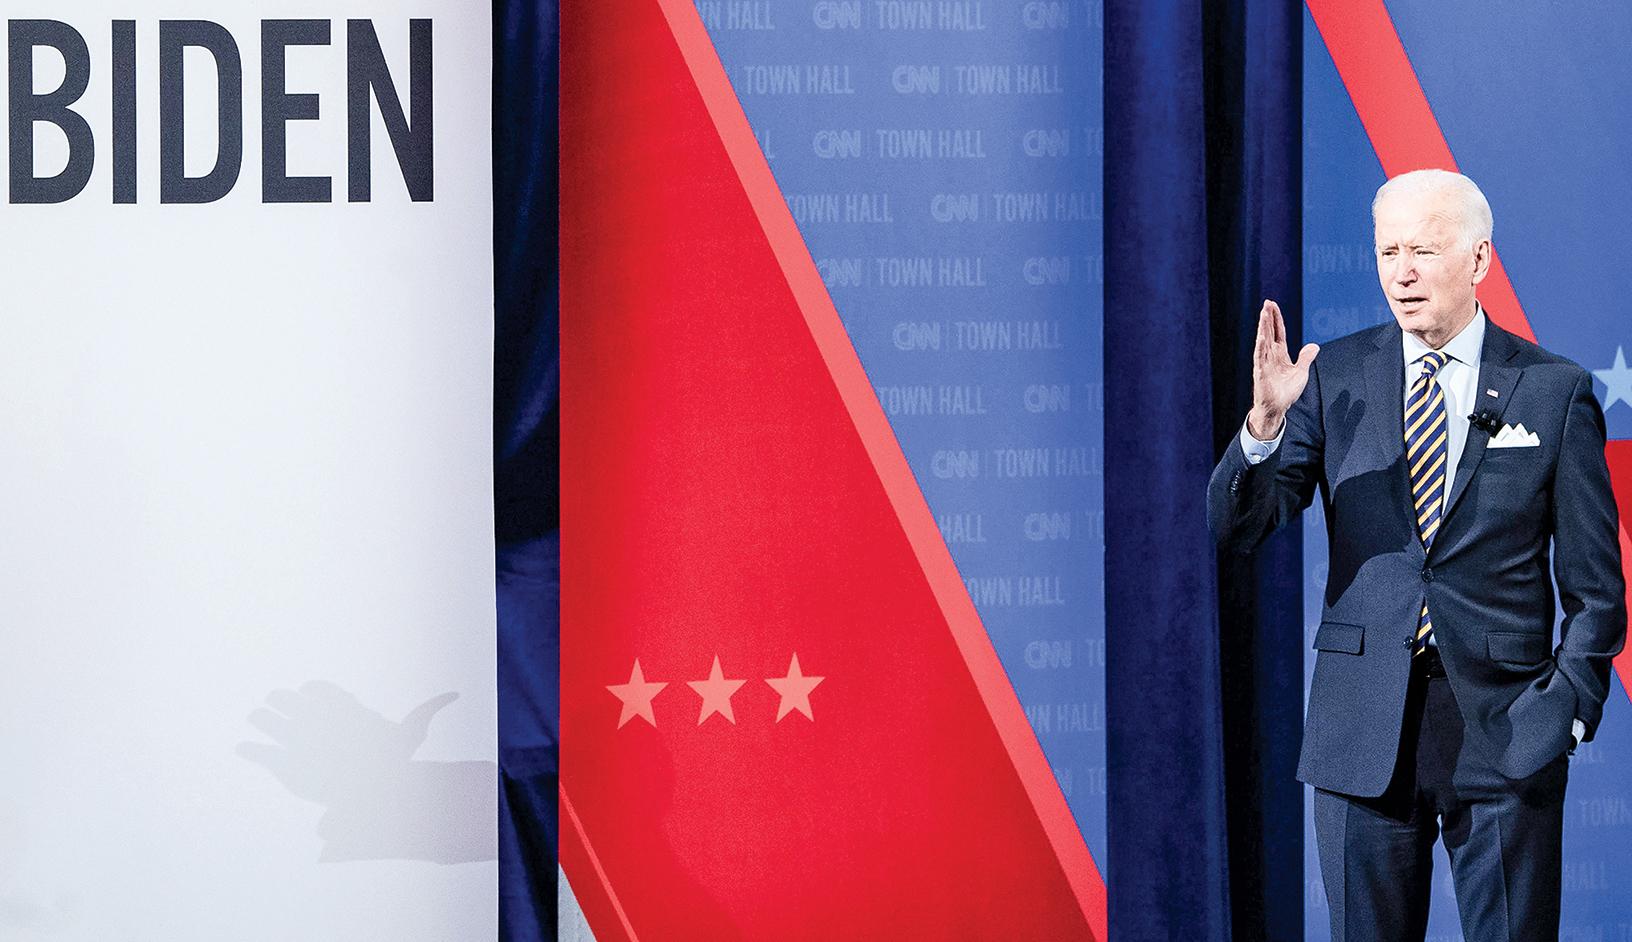 外界越來越擔憂在對華政策上,拜登可能會太軟弱。前國務卿蓬佩奧指拜登星期二在CNN 市民大會上的發言是在呼應「中共的宣傳」,而川普則直指拜登說法「太荒謬」了。(AFP)